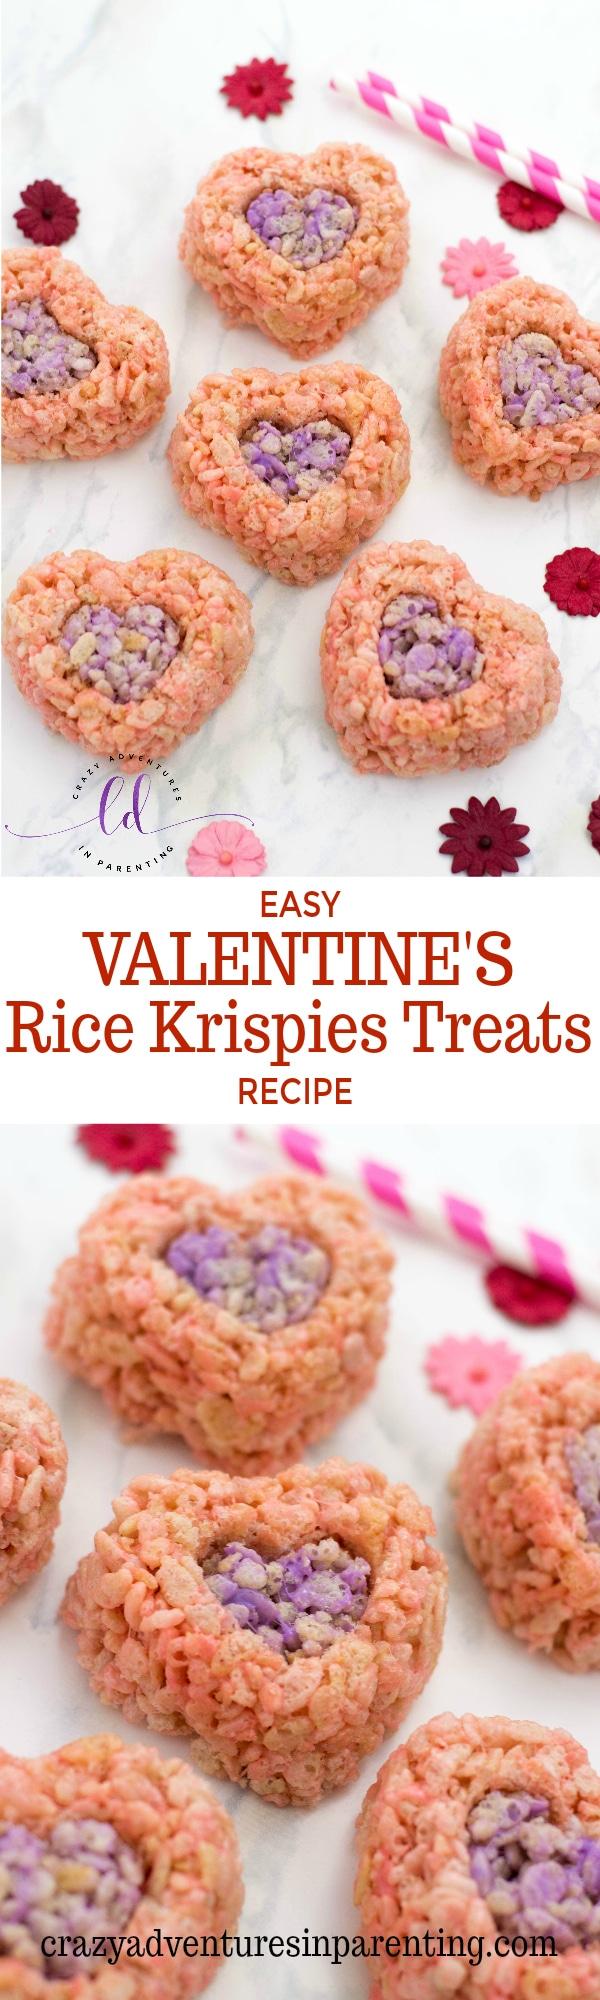 Easy Valentine's Rice Krispies Treats Recipe